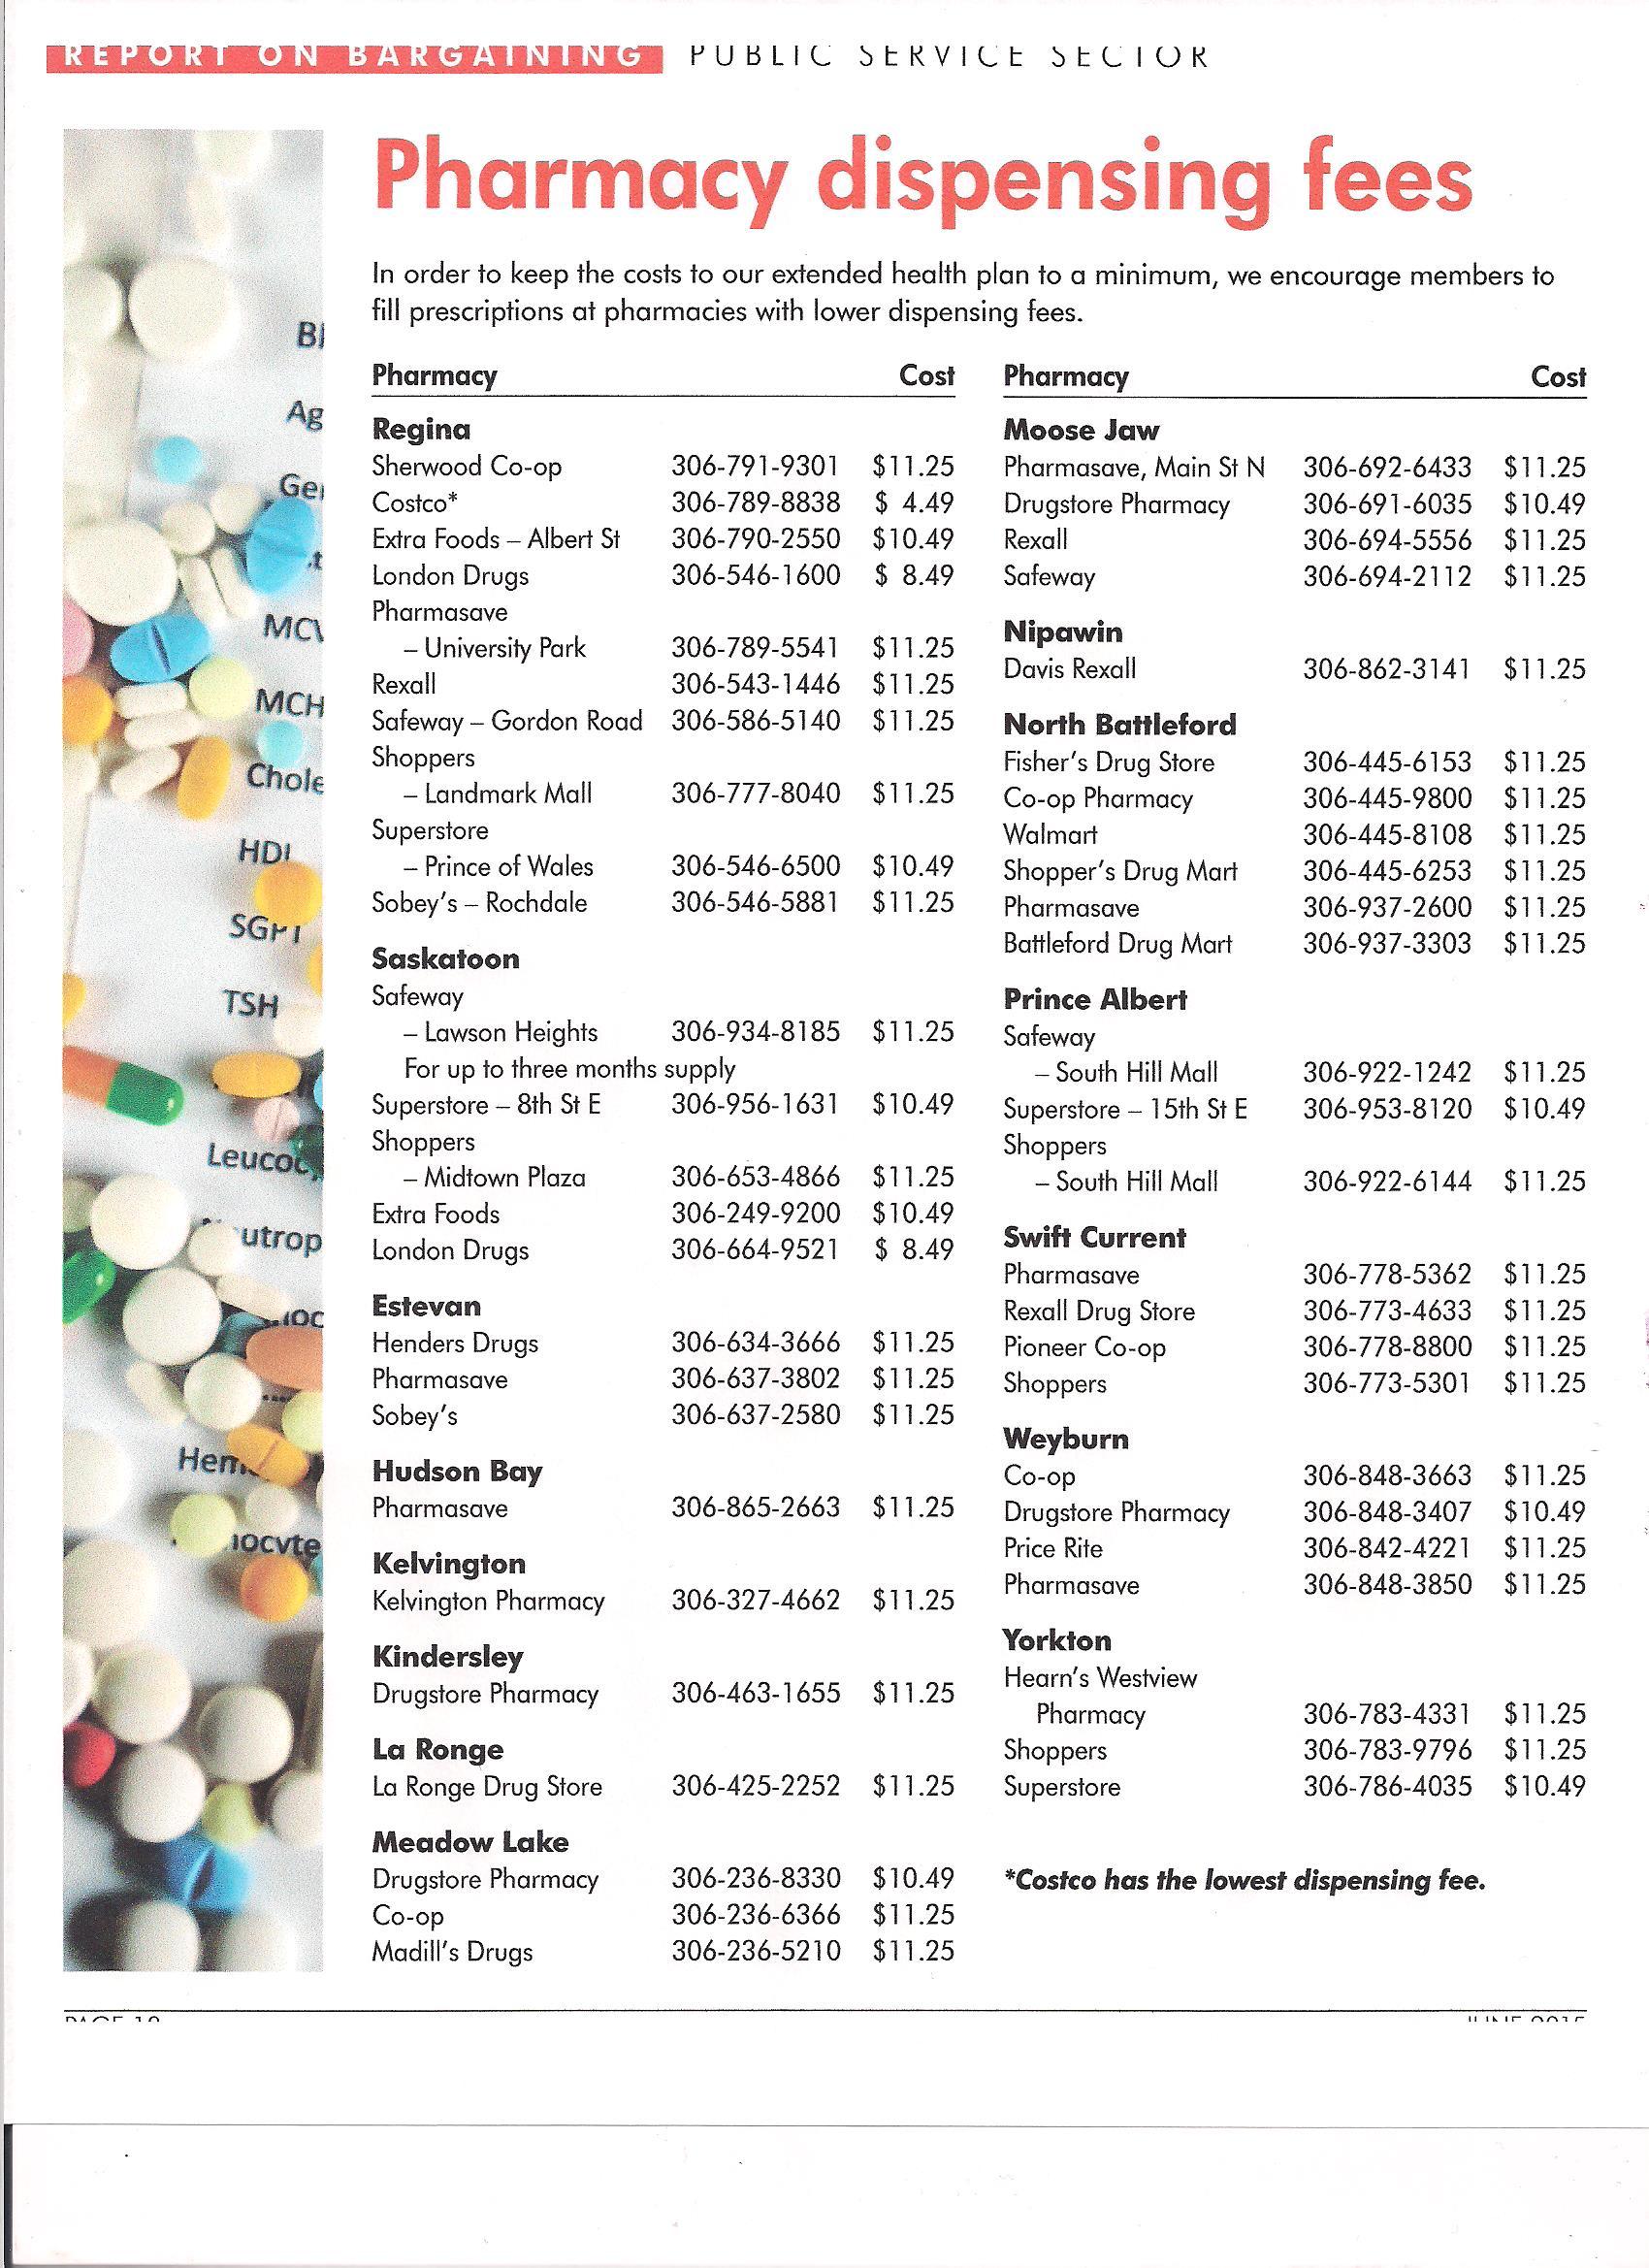 Pharmacy dispensing fees 2015